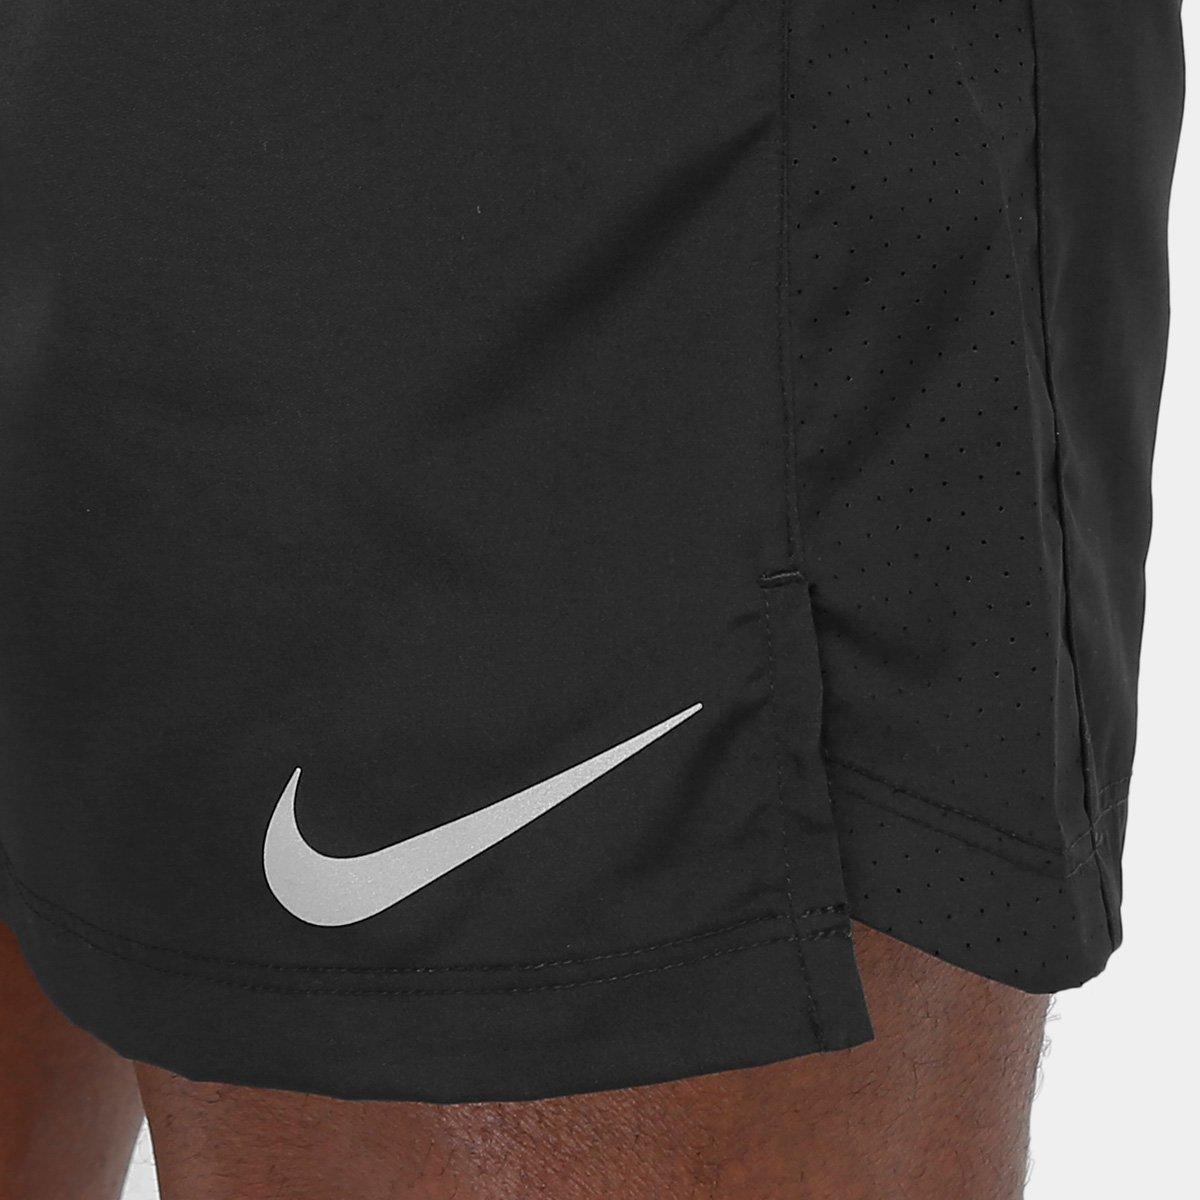 e82705794e Bermuda Nike Flex Challenger Running 7IN Dri-Fit Masculina - Compre ...